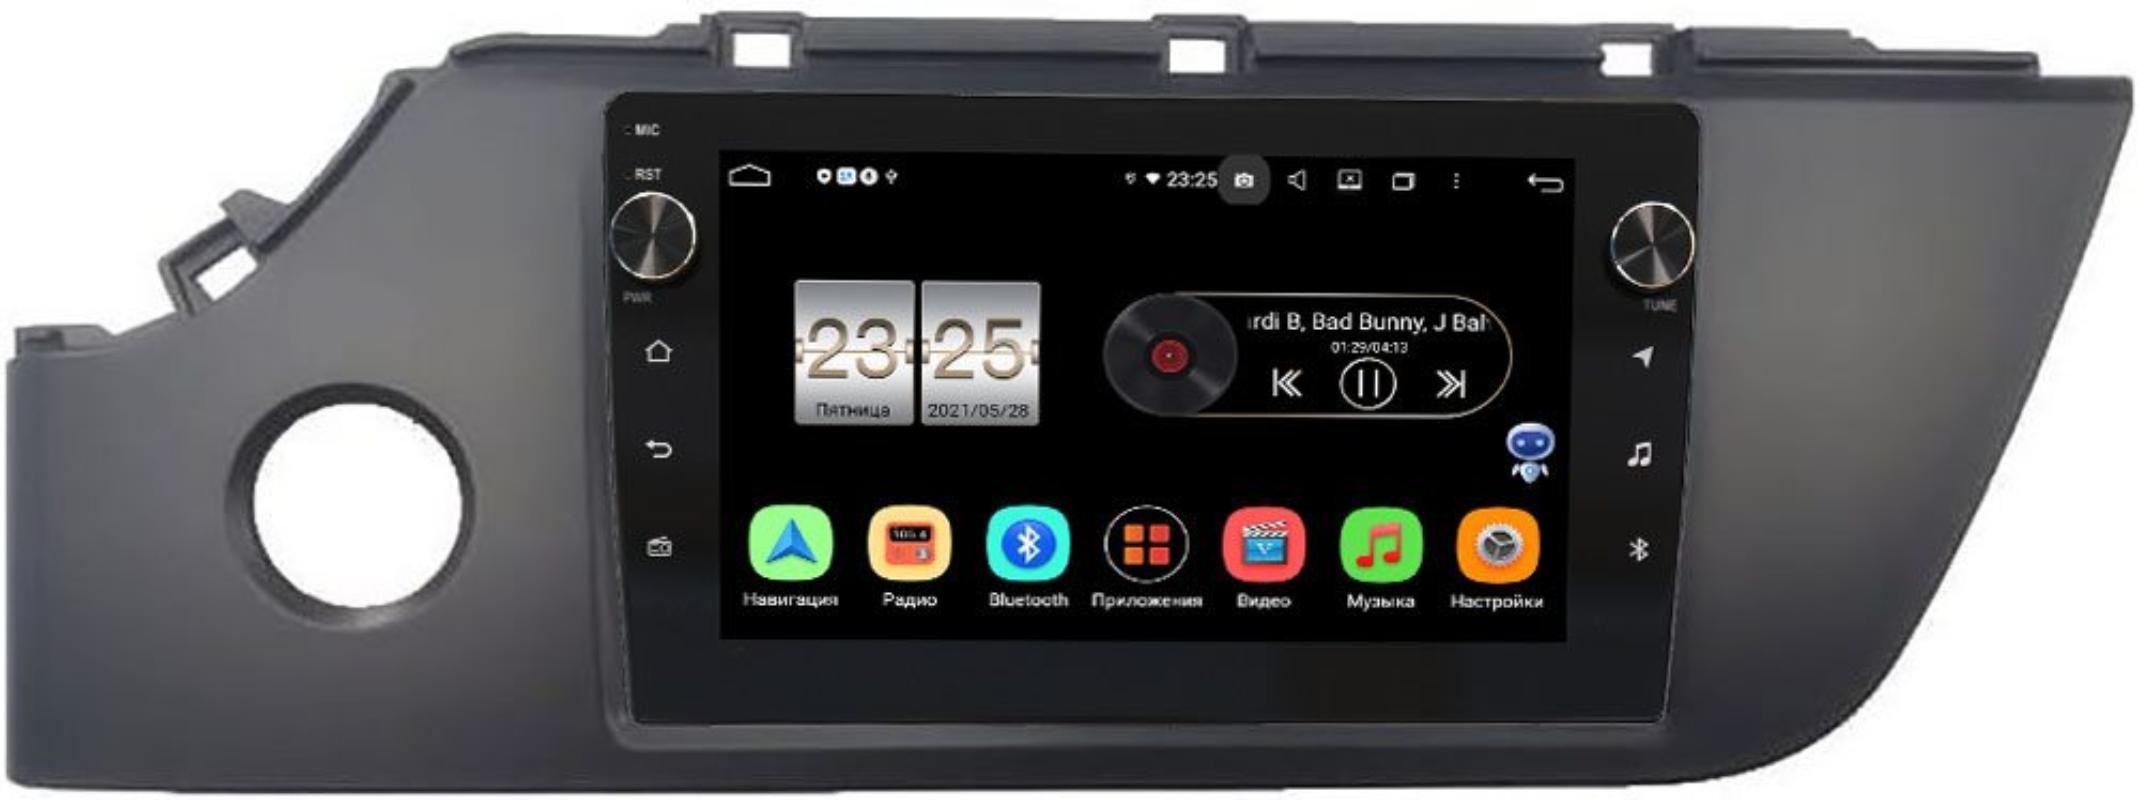 Штатная магнитола Kia Rio IV 2020-2021 LeTrun BPX609-1050 на Android 10 (4/64, DSP, IPS, с голосовым ассистентом, с крутилками) (+ Камера заднего вида в подарок!)